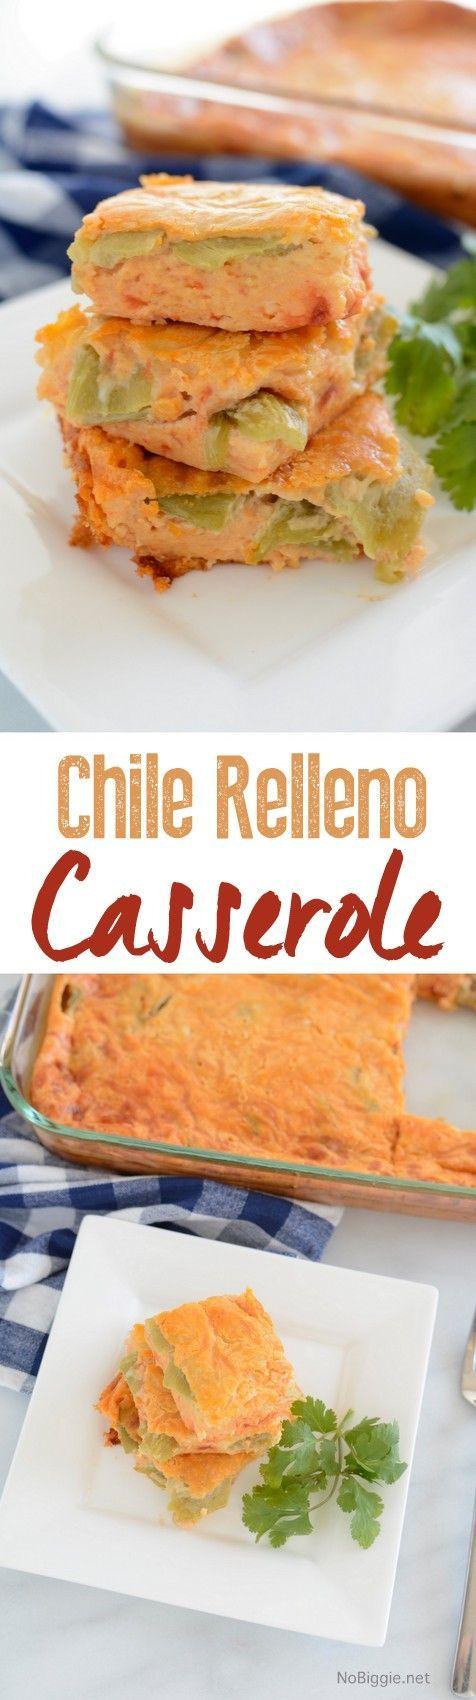 chile relleno casserole | recipe on http://NoBiggie.net